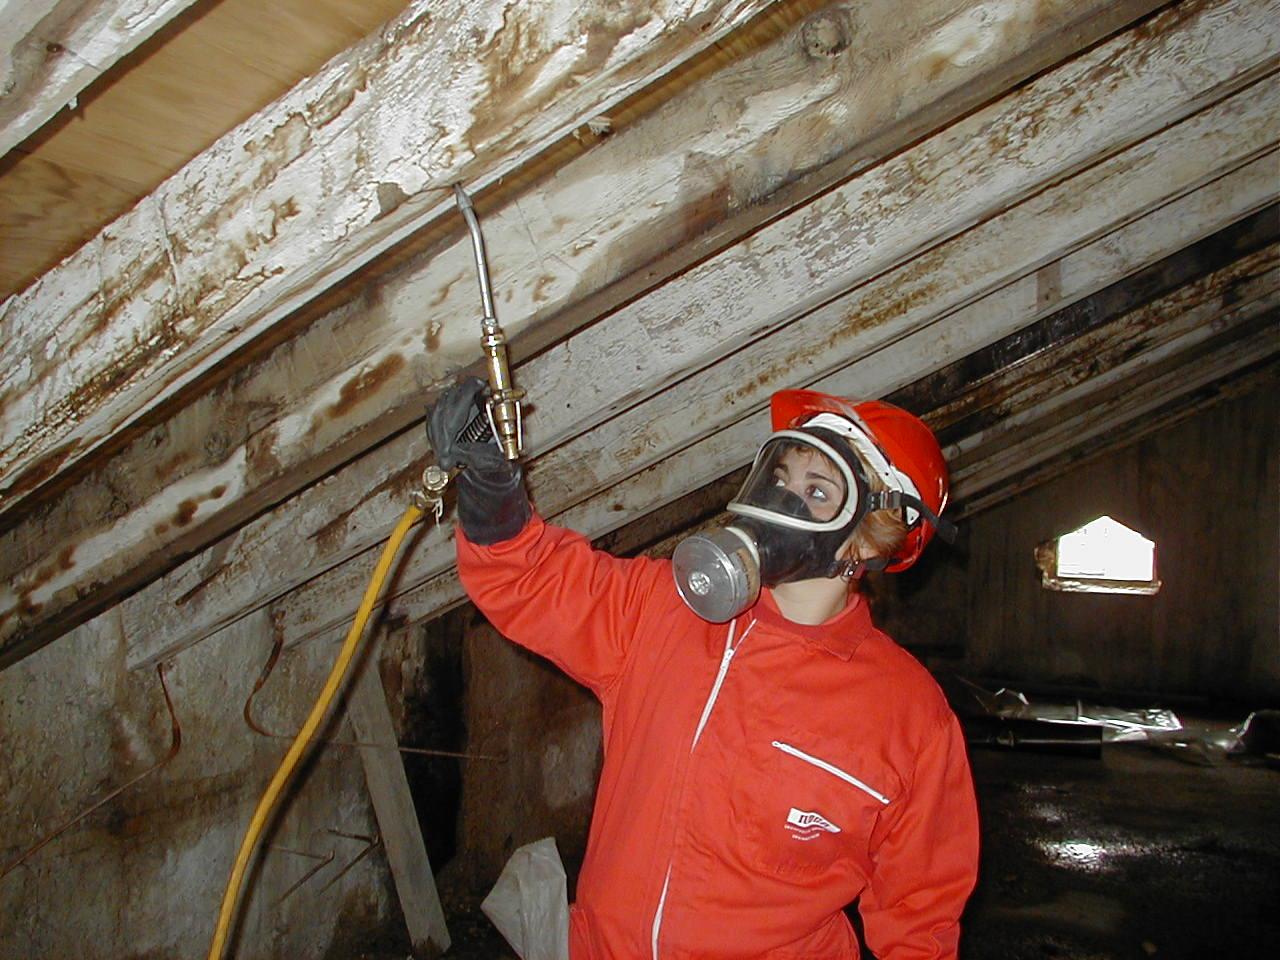 Servicios de fumigación de termitas